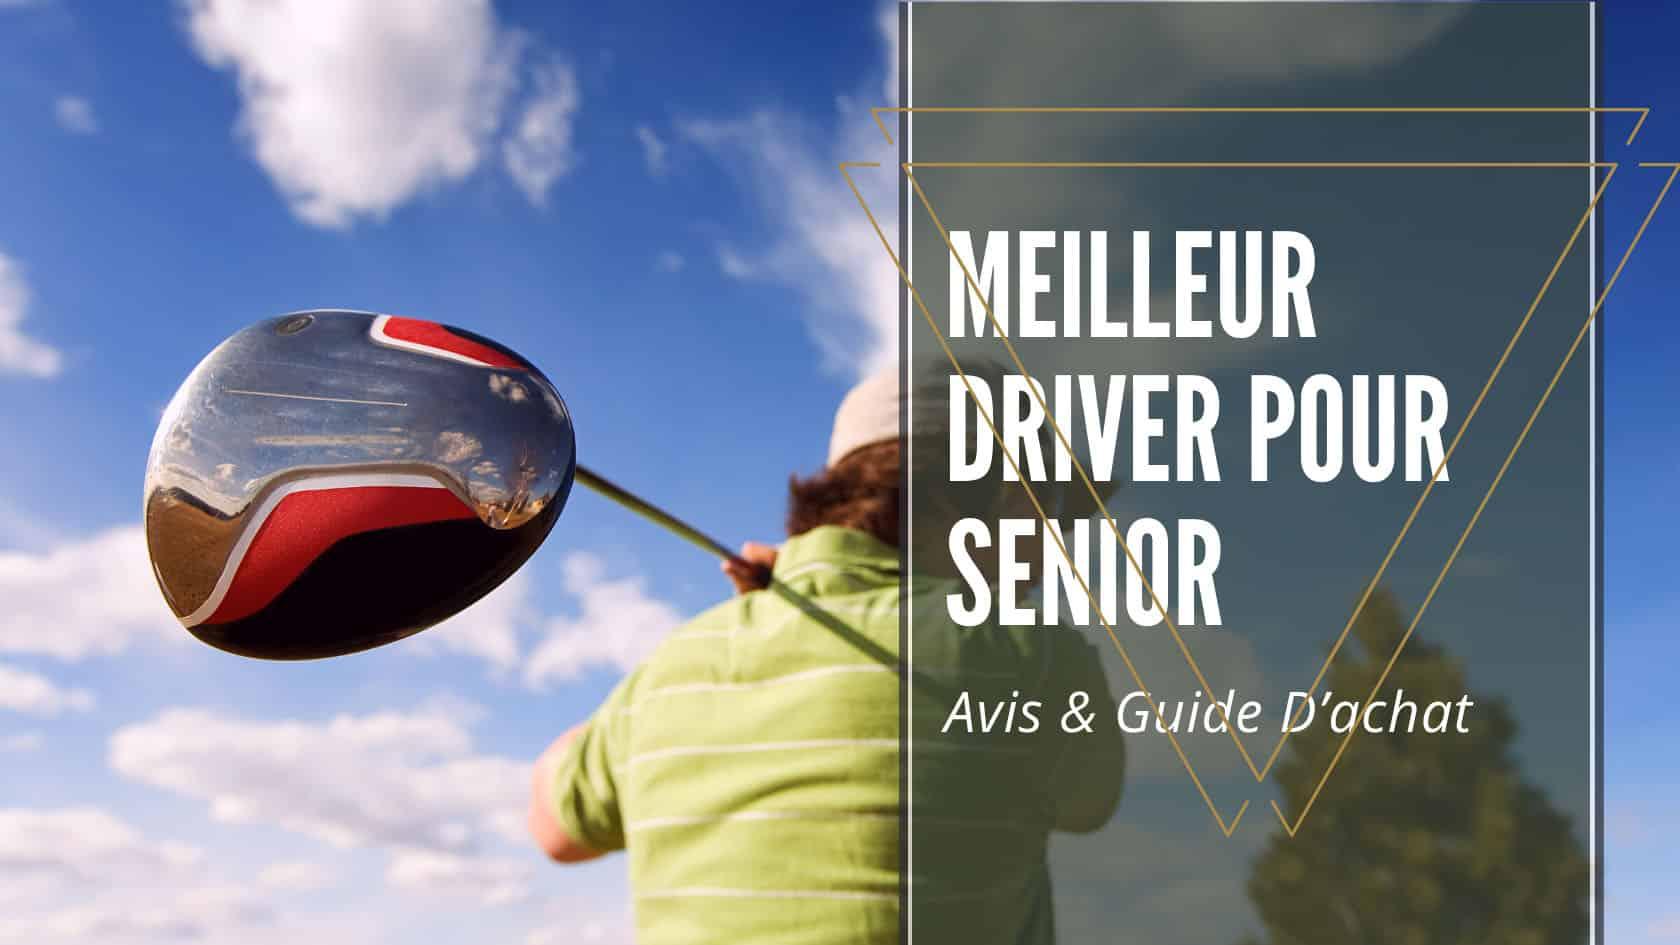 Meilleur Driver Pour Senior